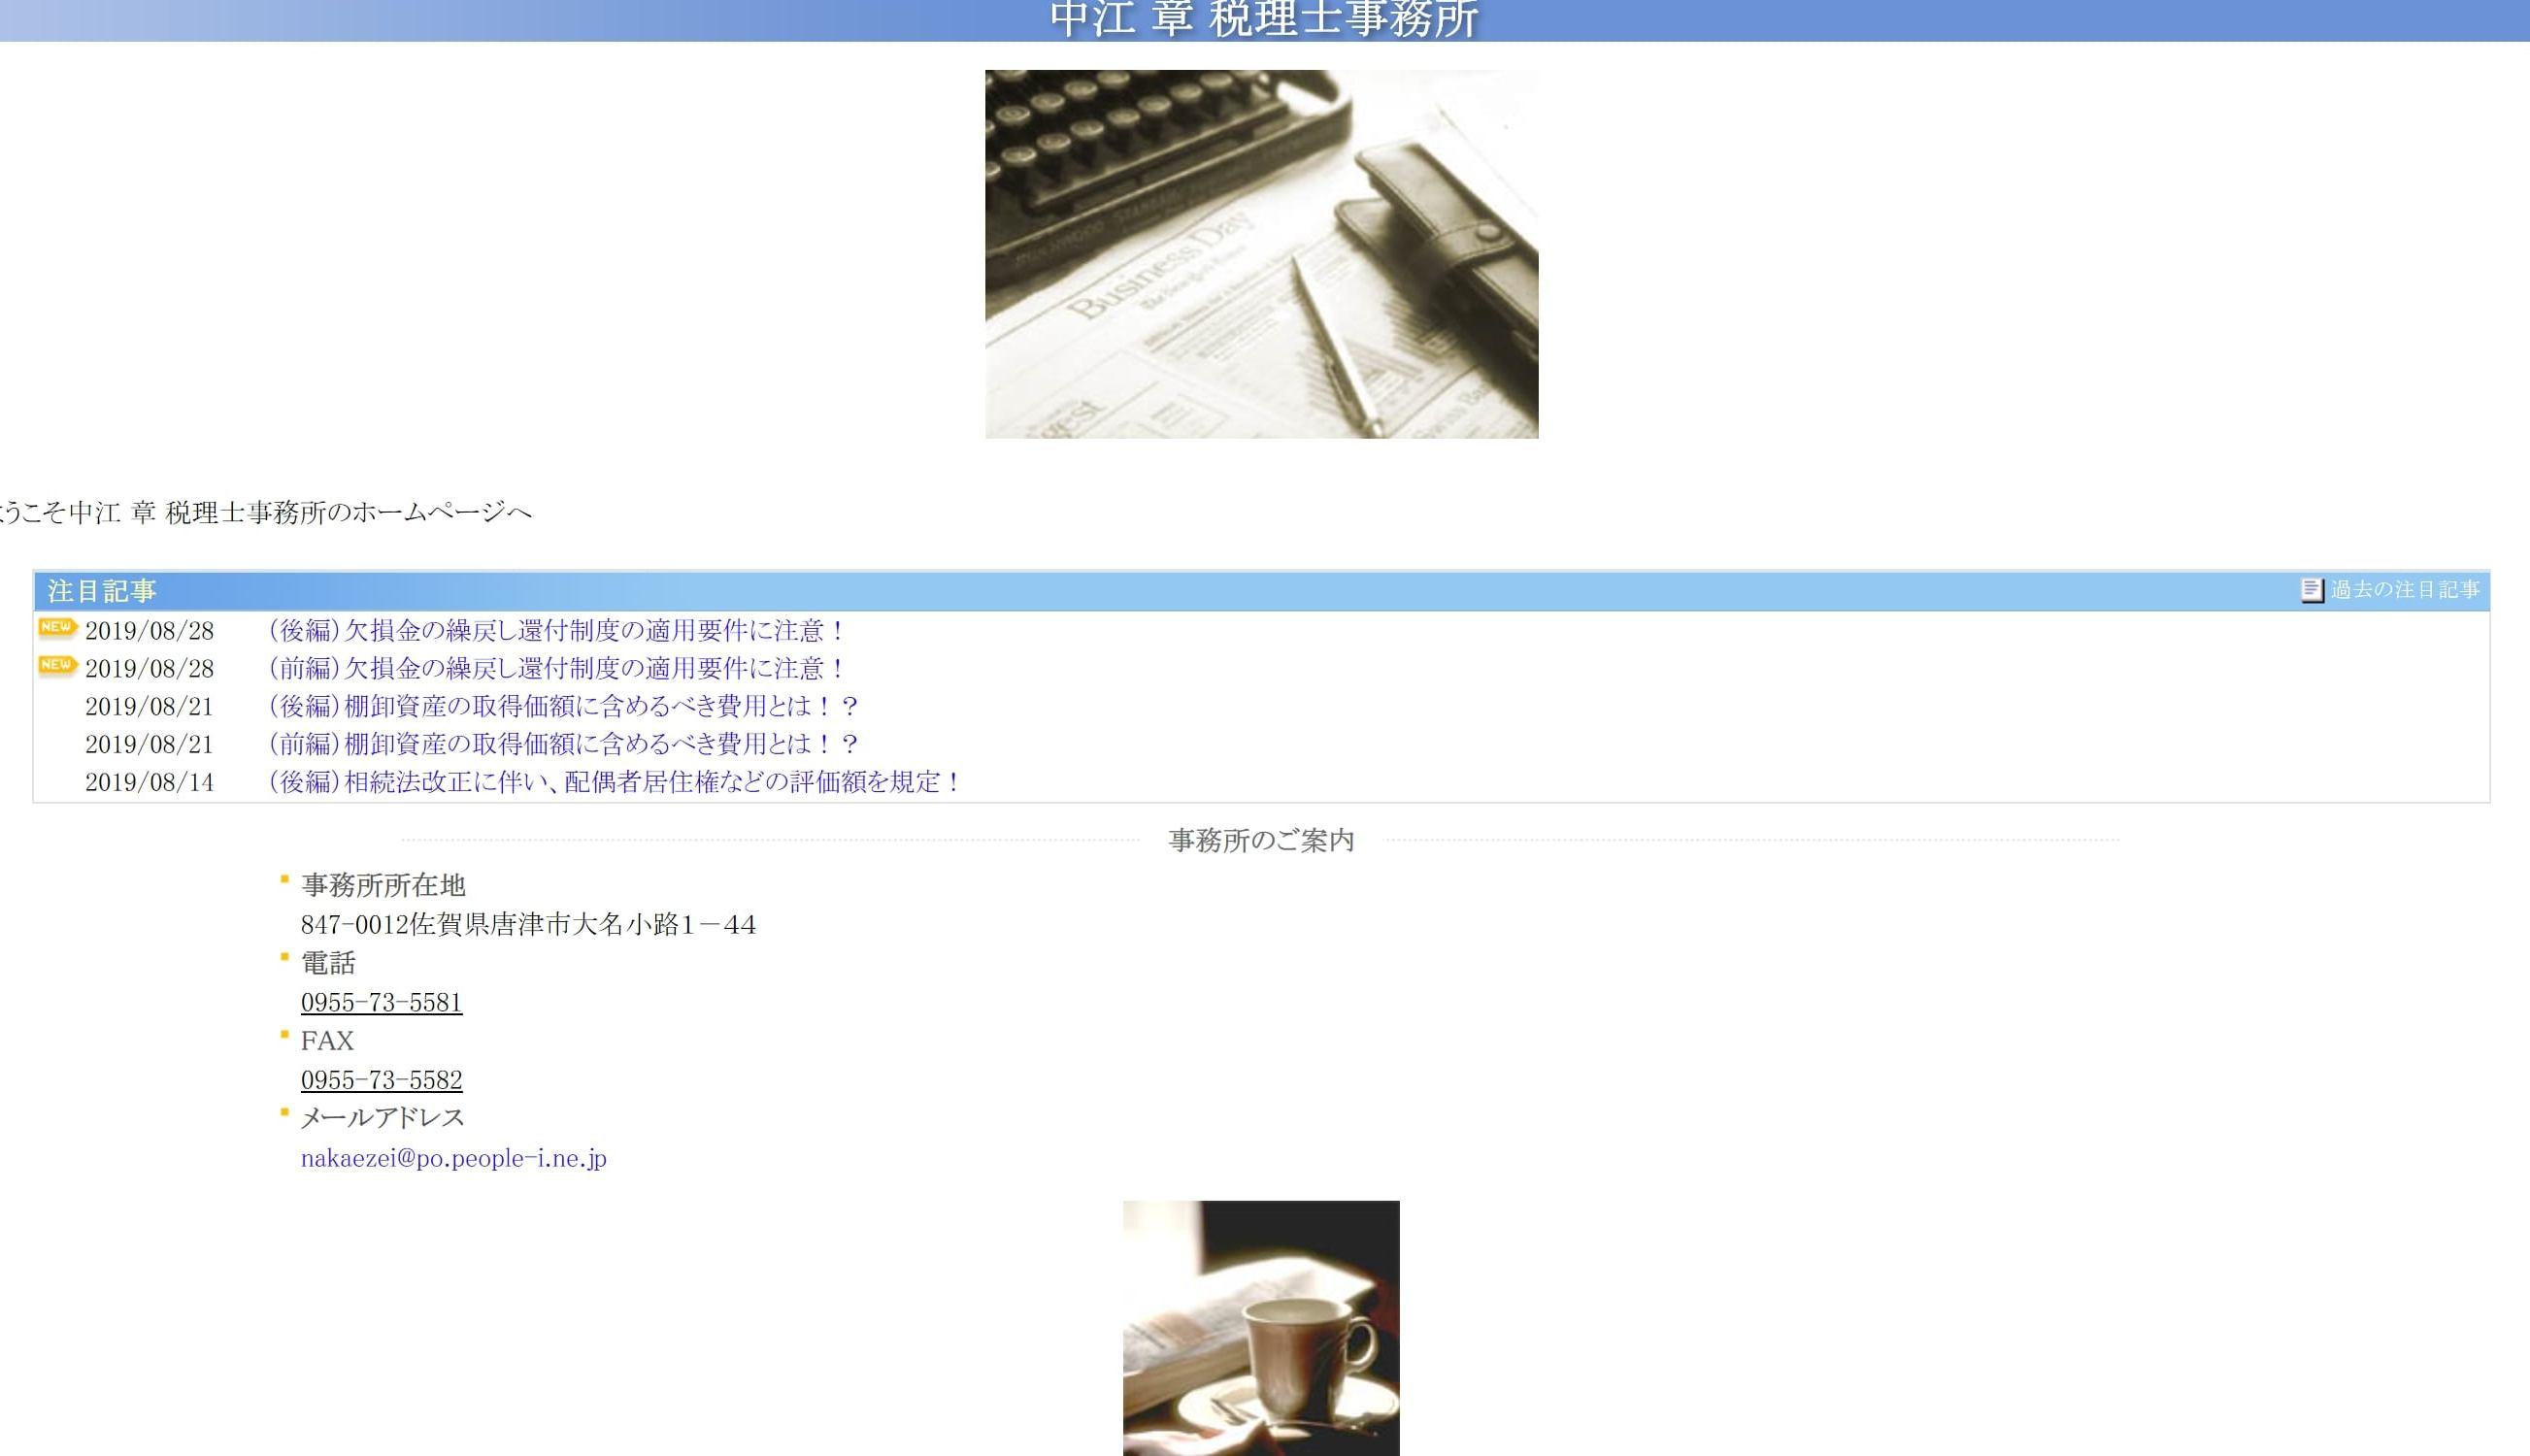 中江税理士事務所